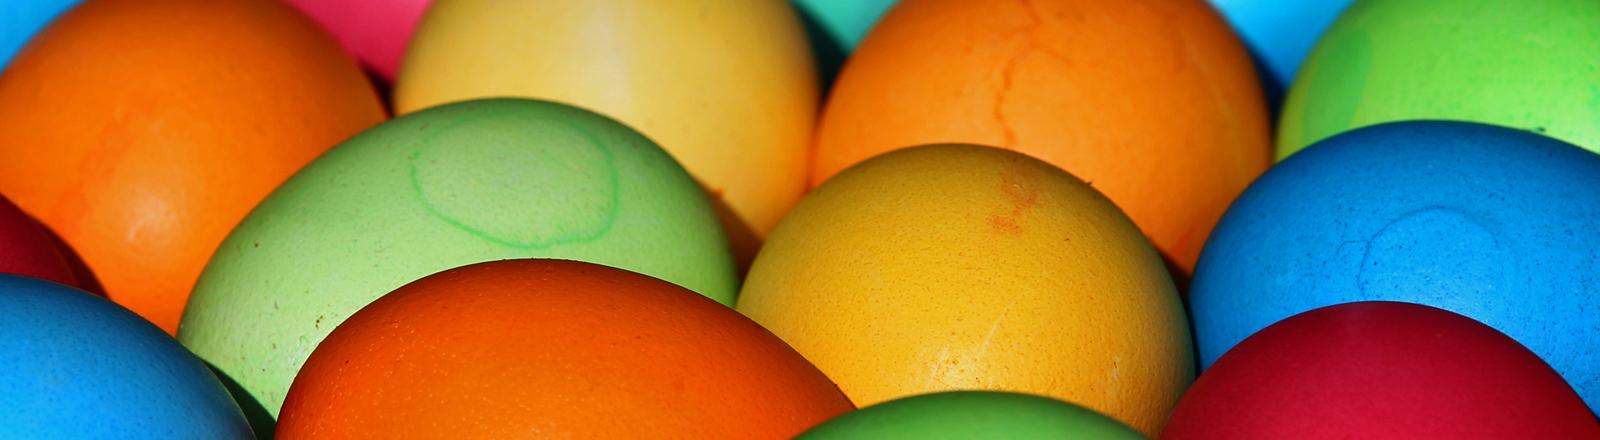 Selbst gefärbte Eier liegen am 15.03.2015 in Kaufbeuren (Bayern) in einer Schale.